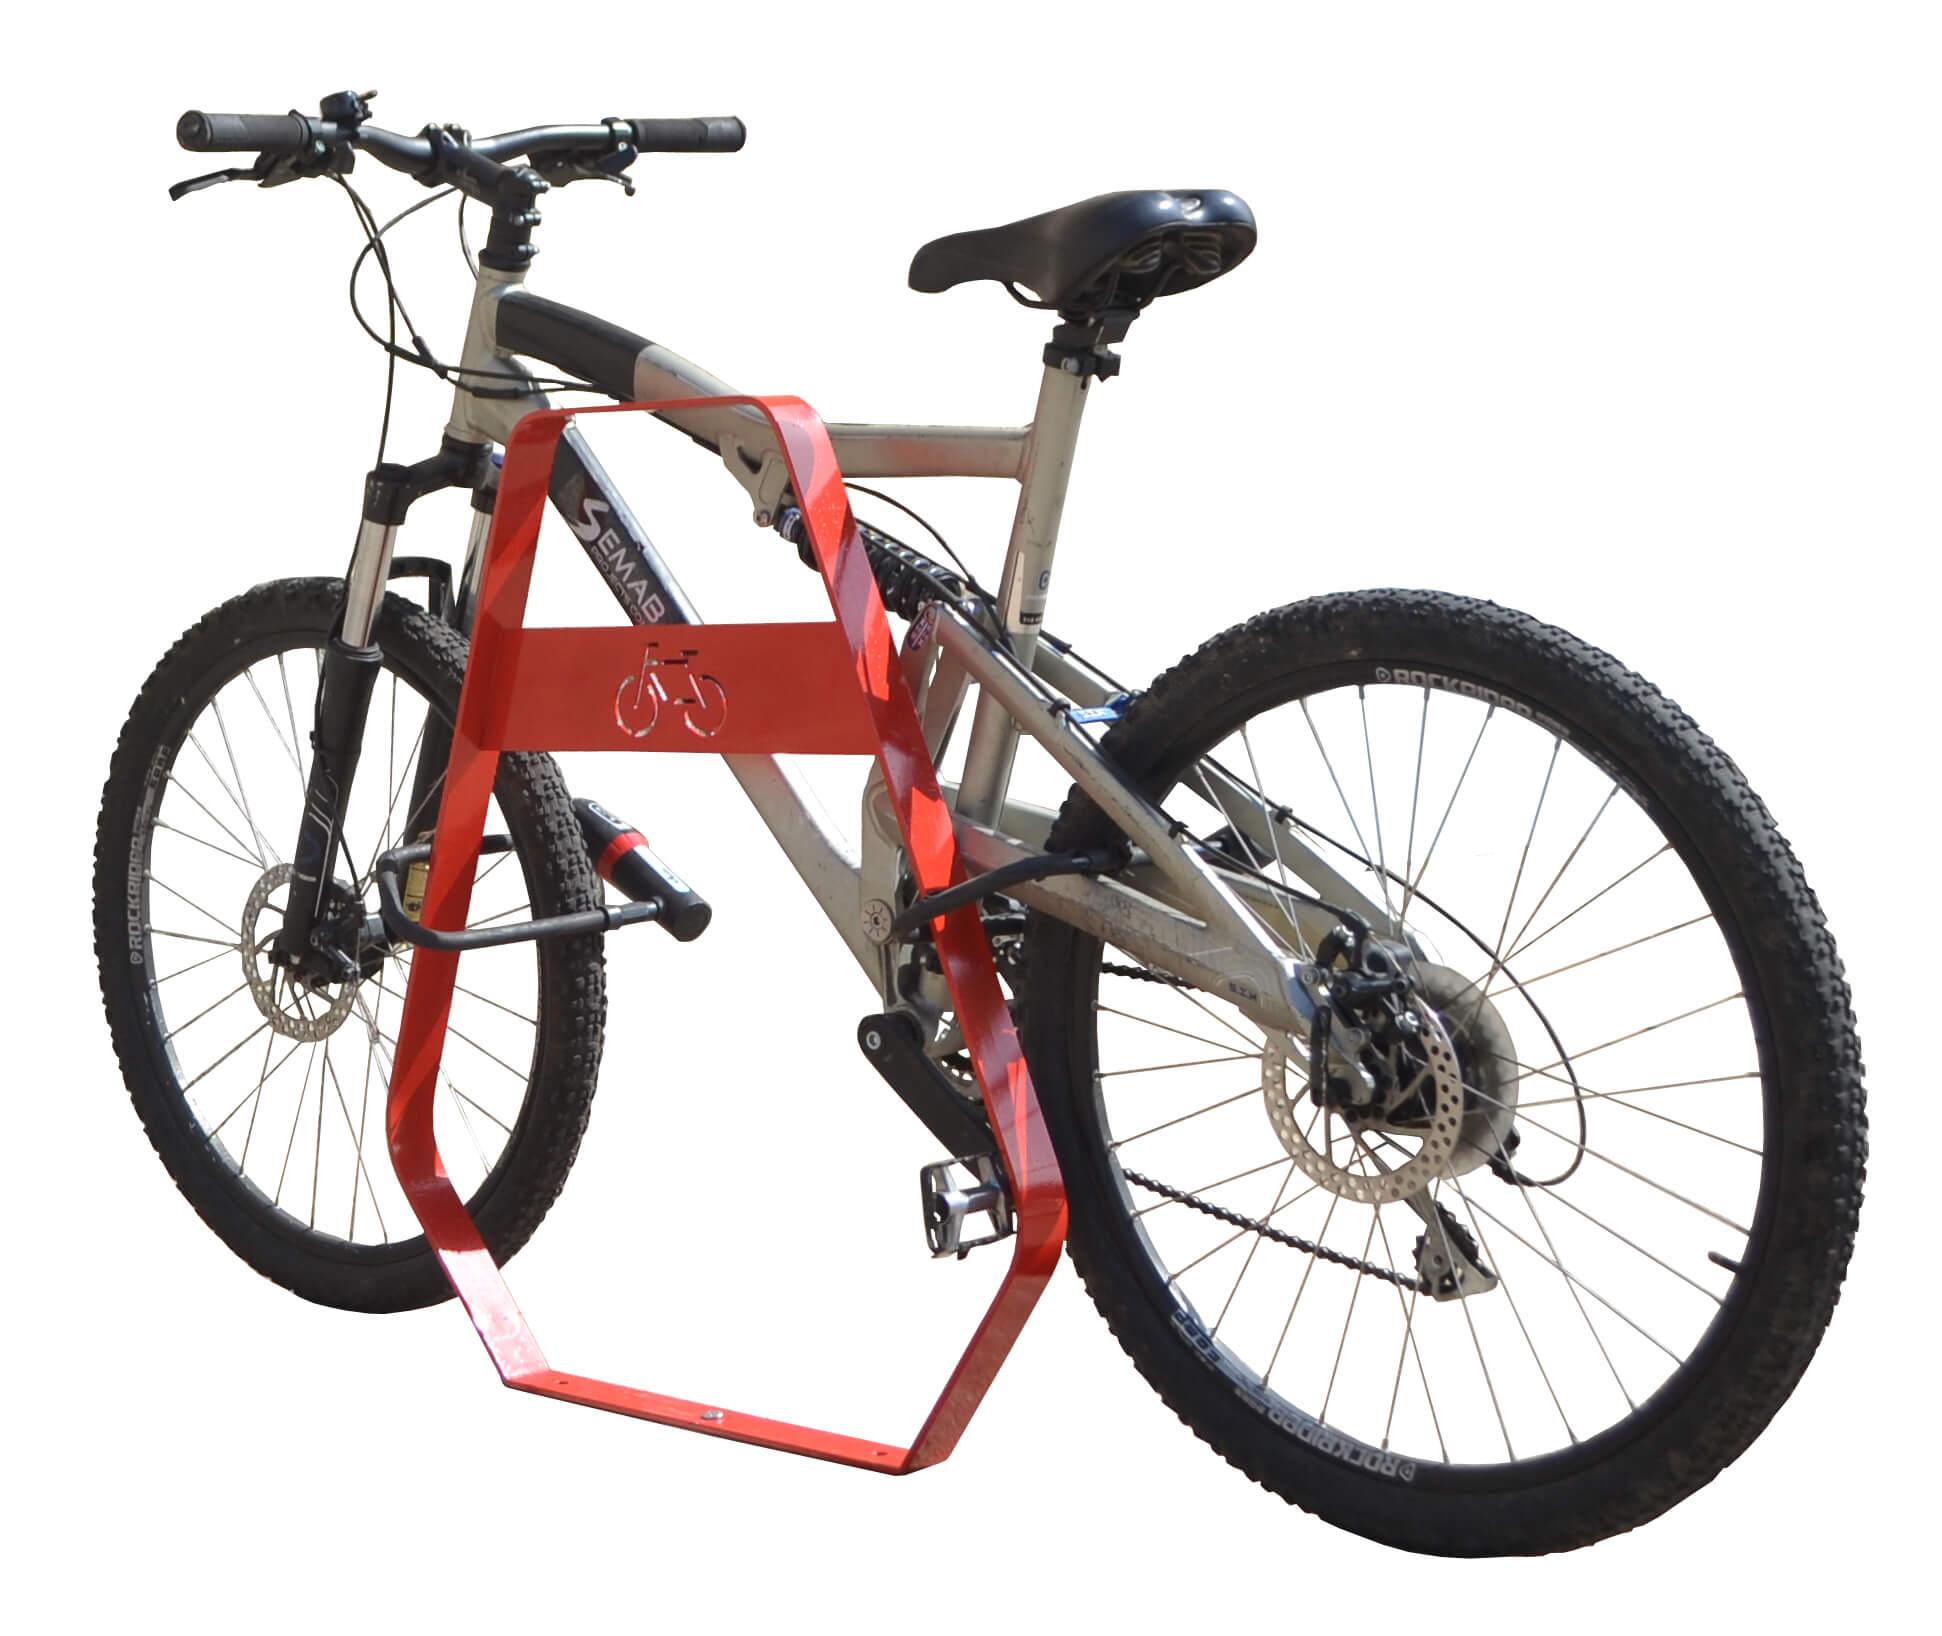 Banyoles fietsbeugel - zeer gebruiksvriendelijk